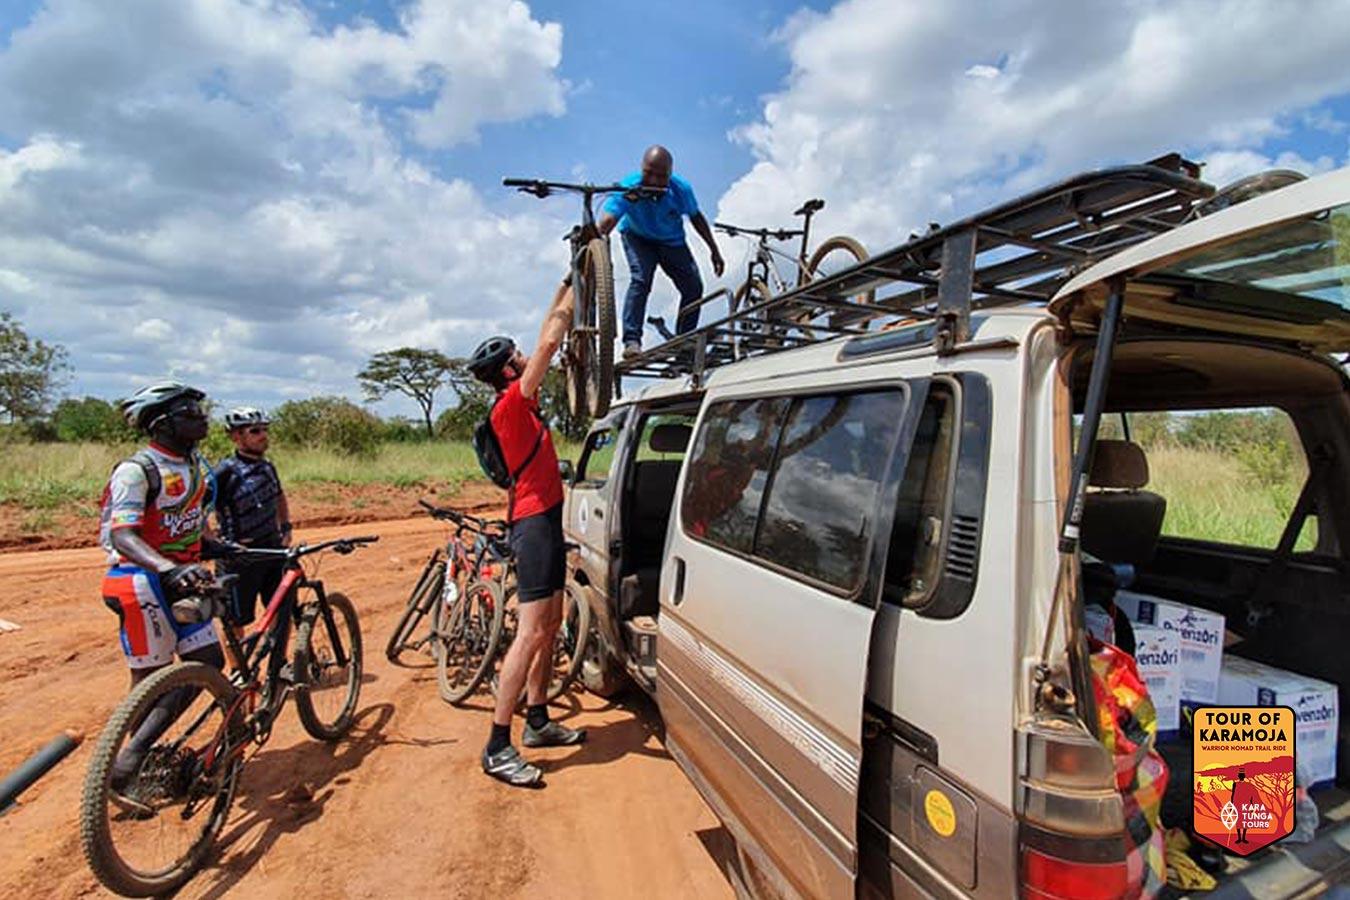 kara-tunga-tour-of-karamoja-2020-bike-event-uganda-carina-6